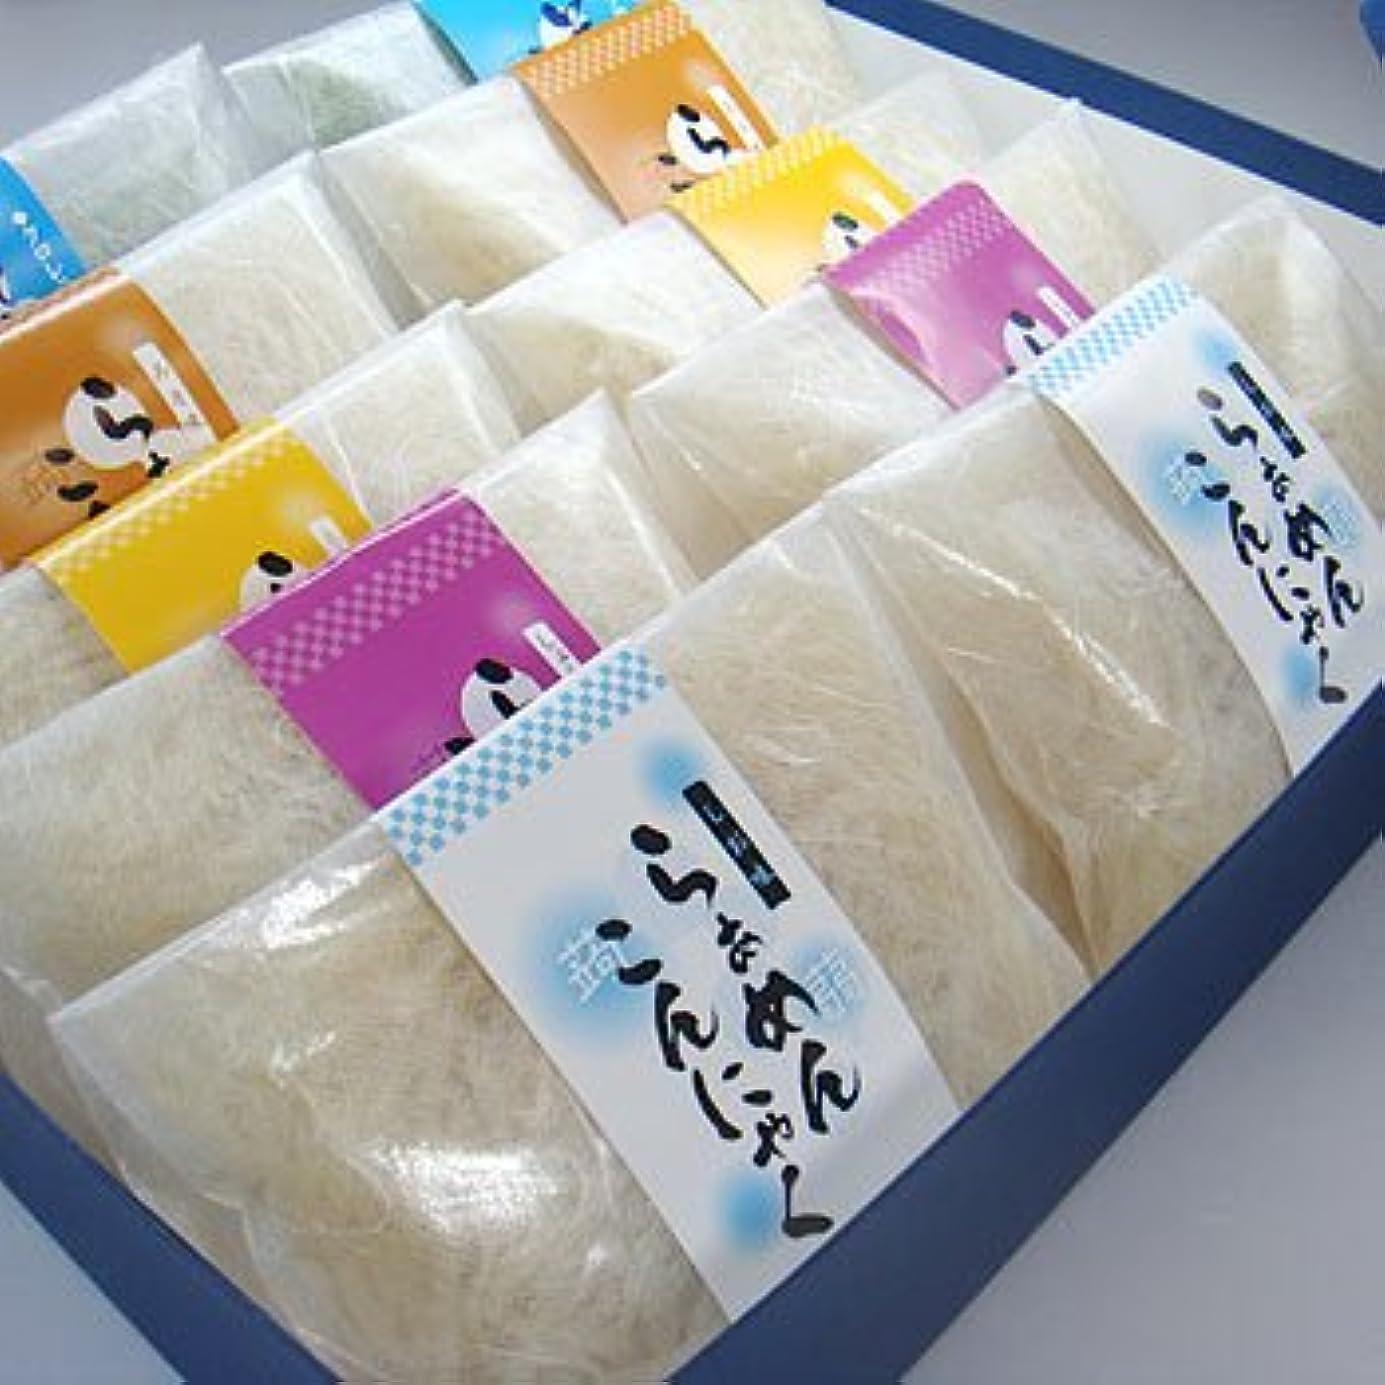 ゼロ規制するスキニーギフト箱入こんにゃくラーメン10食セット【お中元】【ギフト】【ダイエット】【蒟蒻麺】